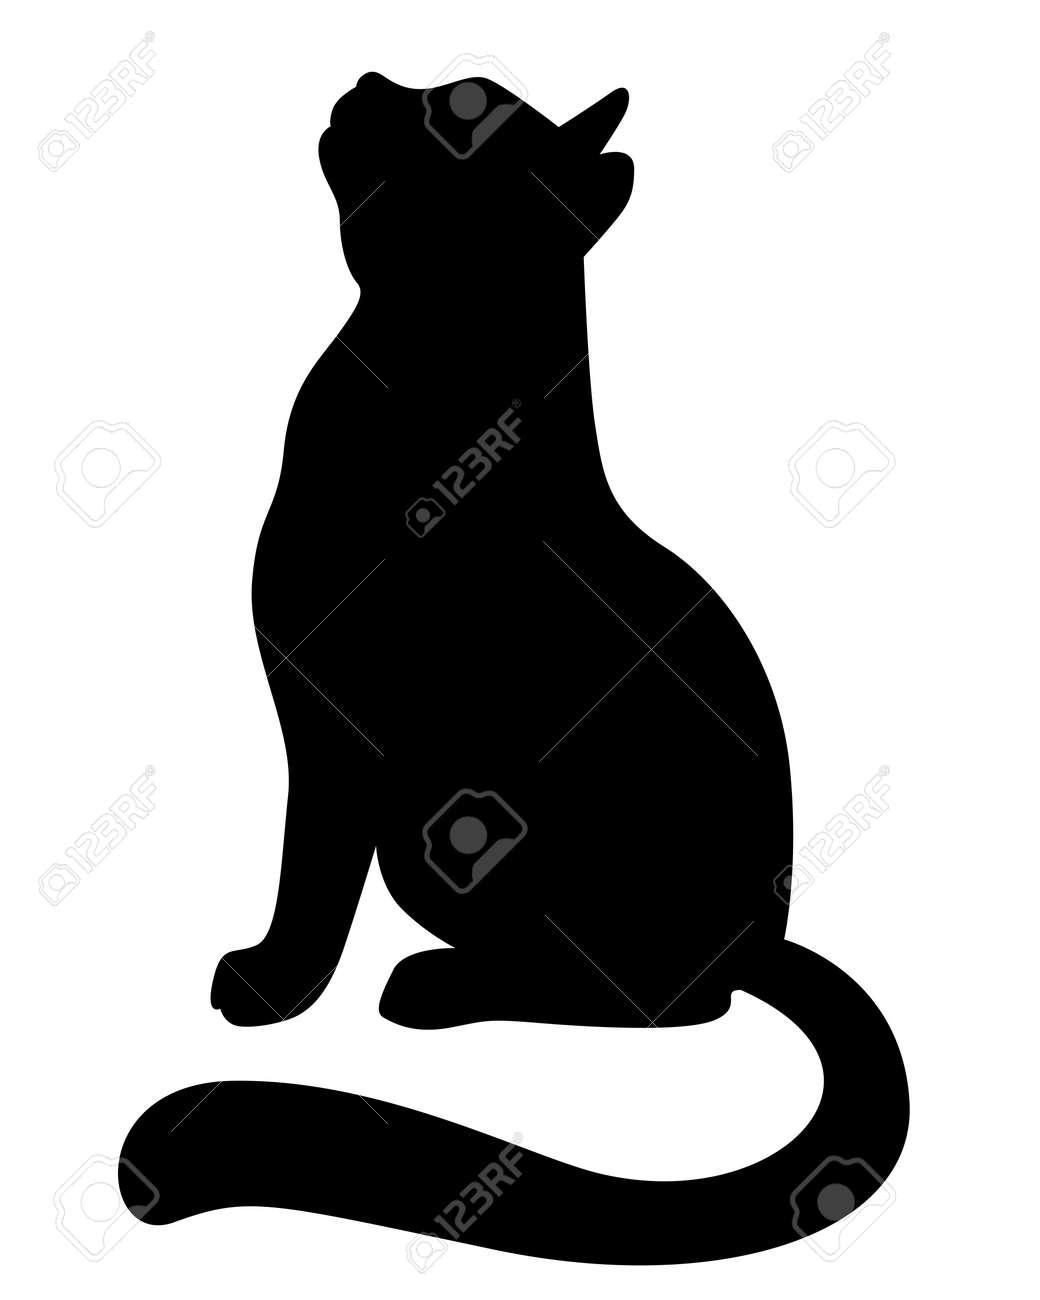 Ilustraciones del vector de la silueta de un gato mirando hacia arriba Foto de archivo - 50592202